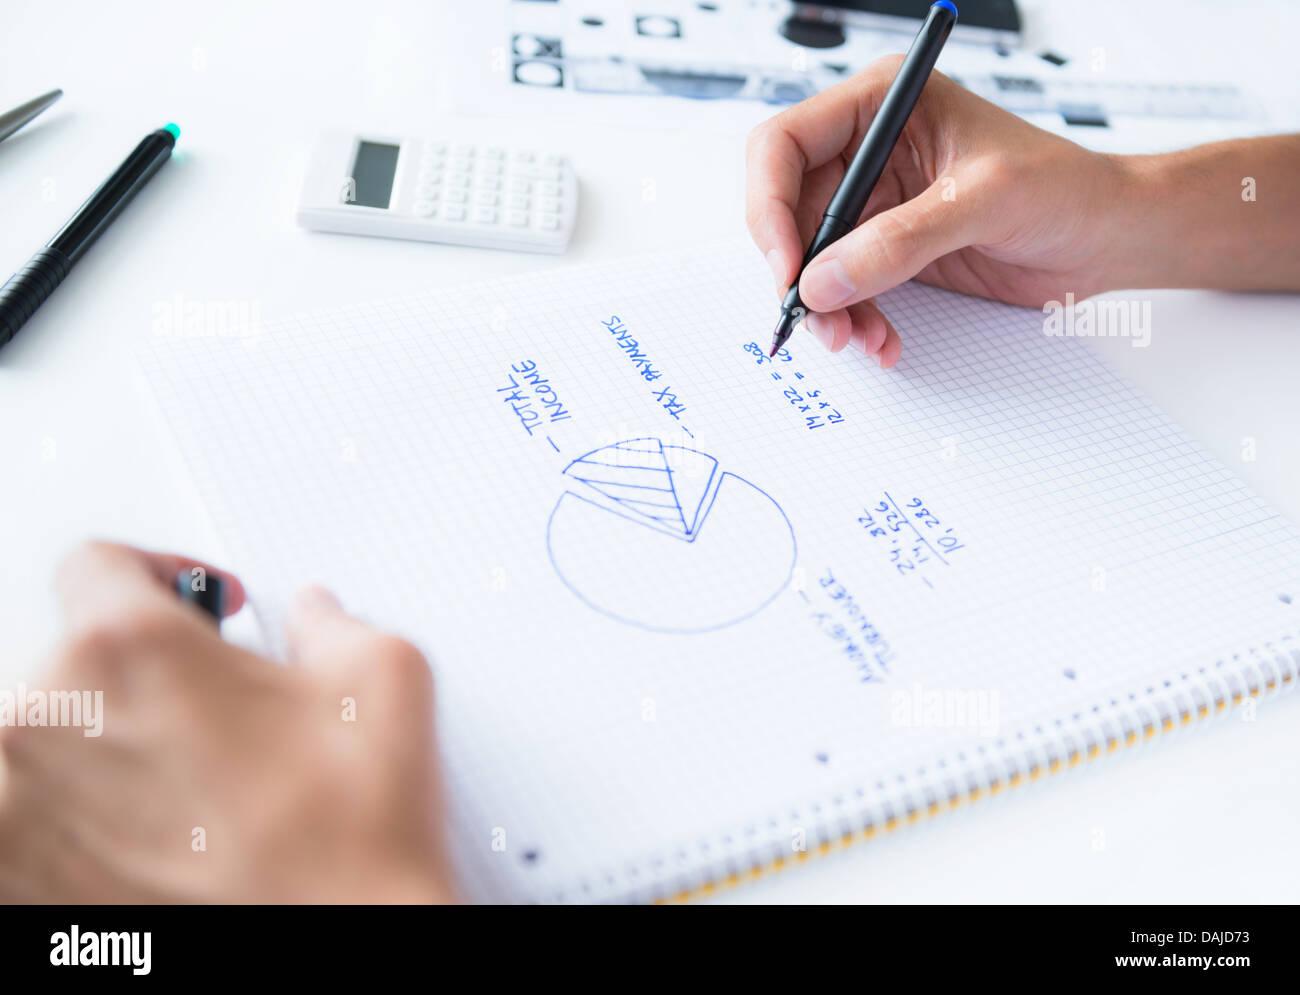 La persona seduta alla scrivania, calcolo home guadagni e disegno diagramma circolare con numeri Immagini Stock